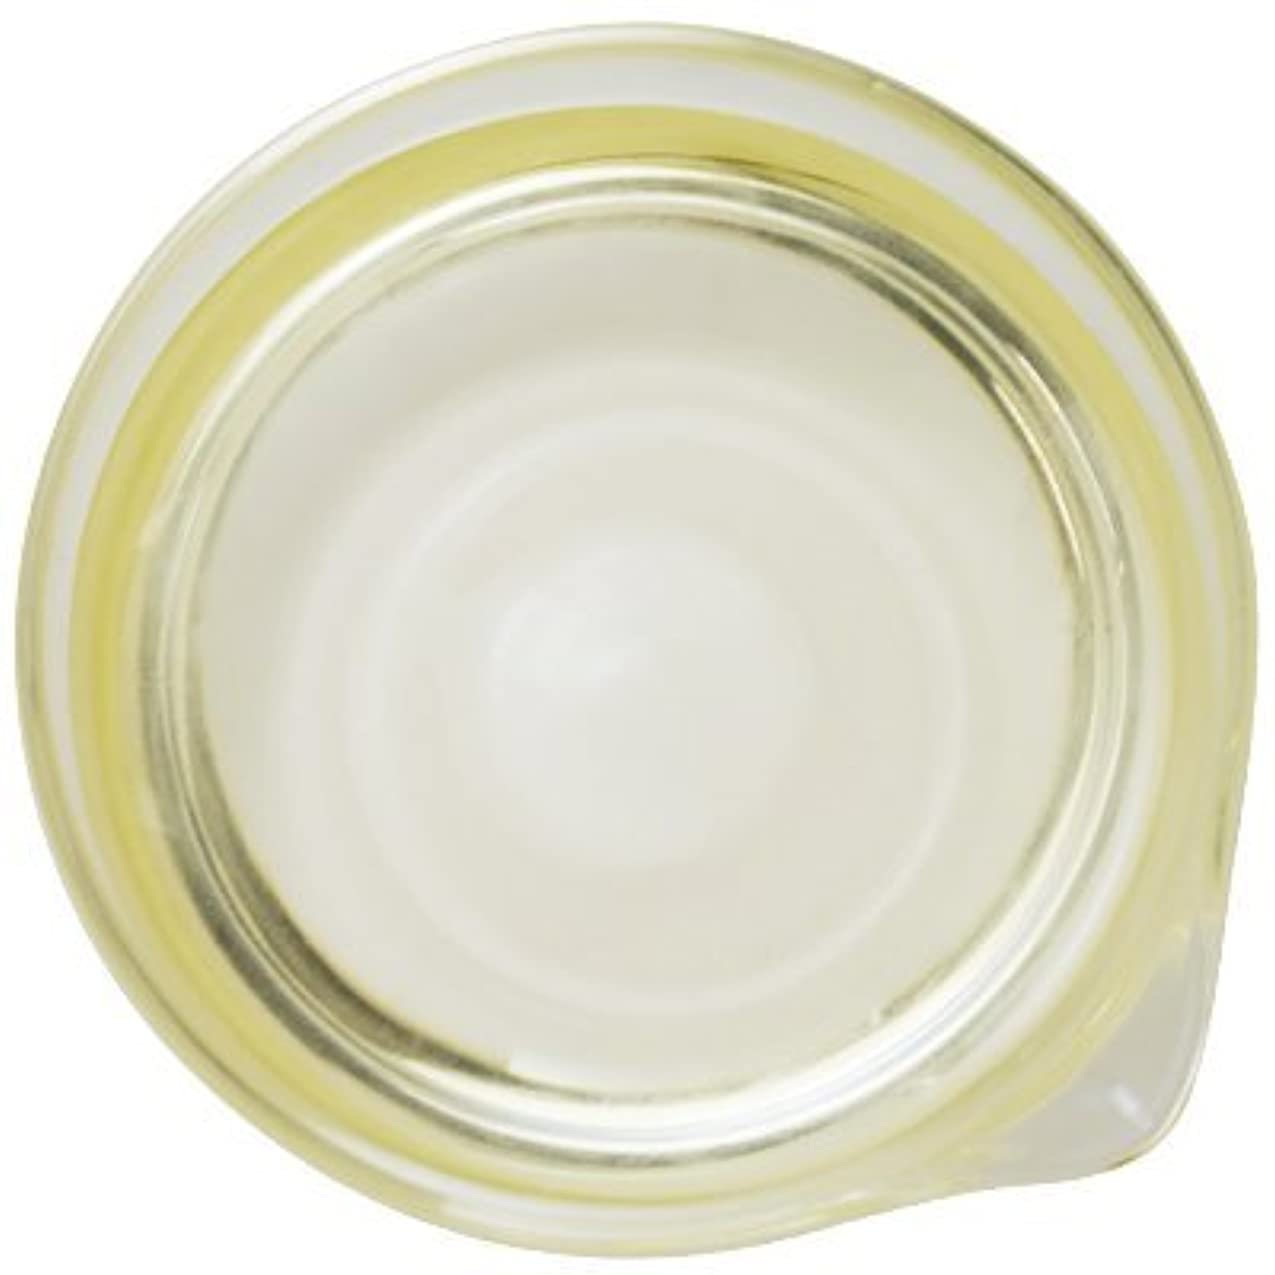 セサミオイル 250ml [白ごま油]【手作り石鹸/手作りコスメ/ごま油】【birth】